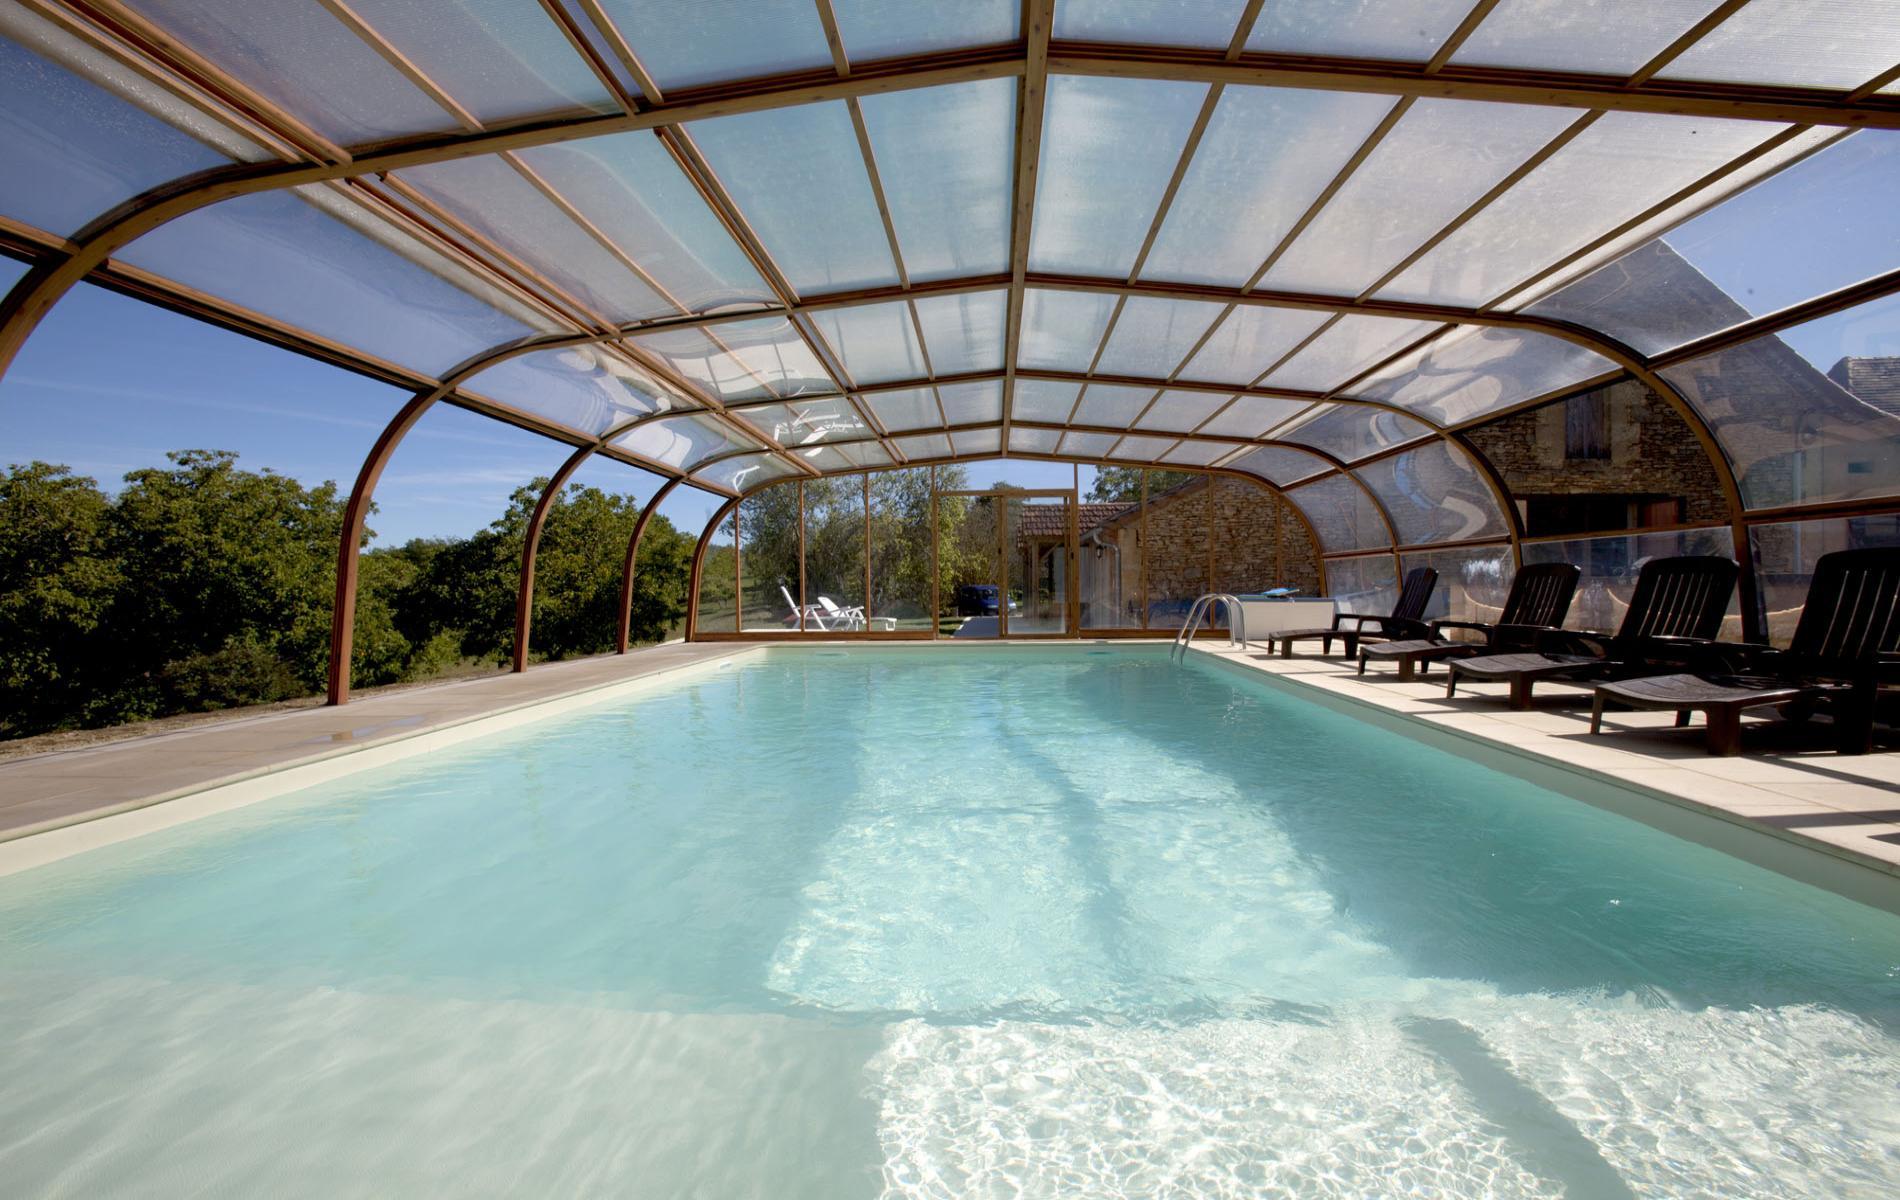 Hotel Dordogne Piscine Couverte